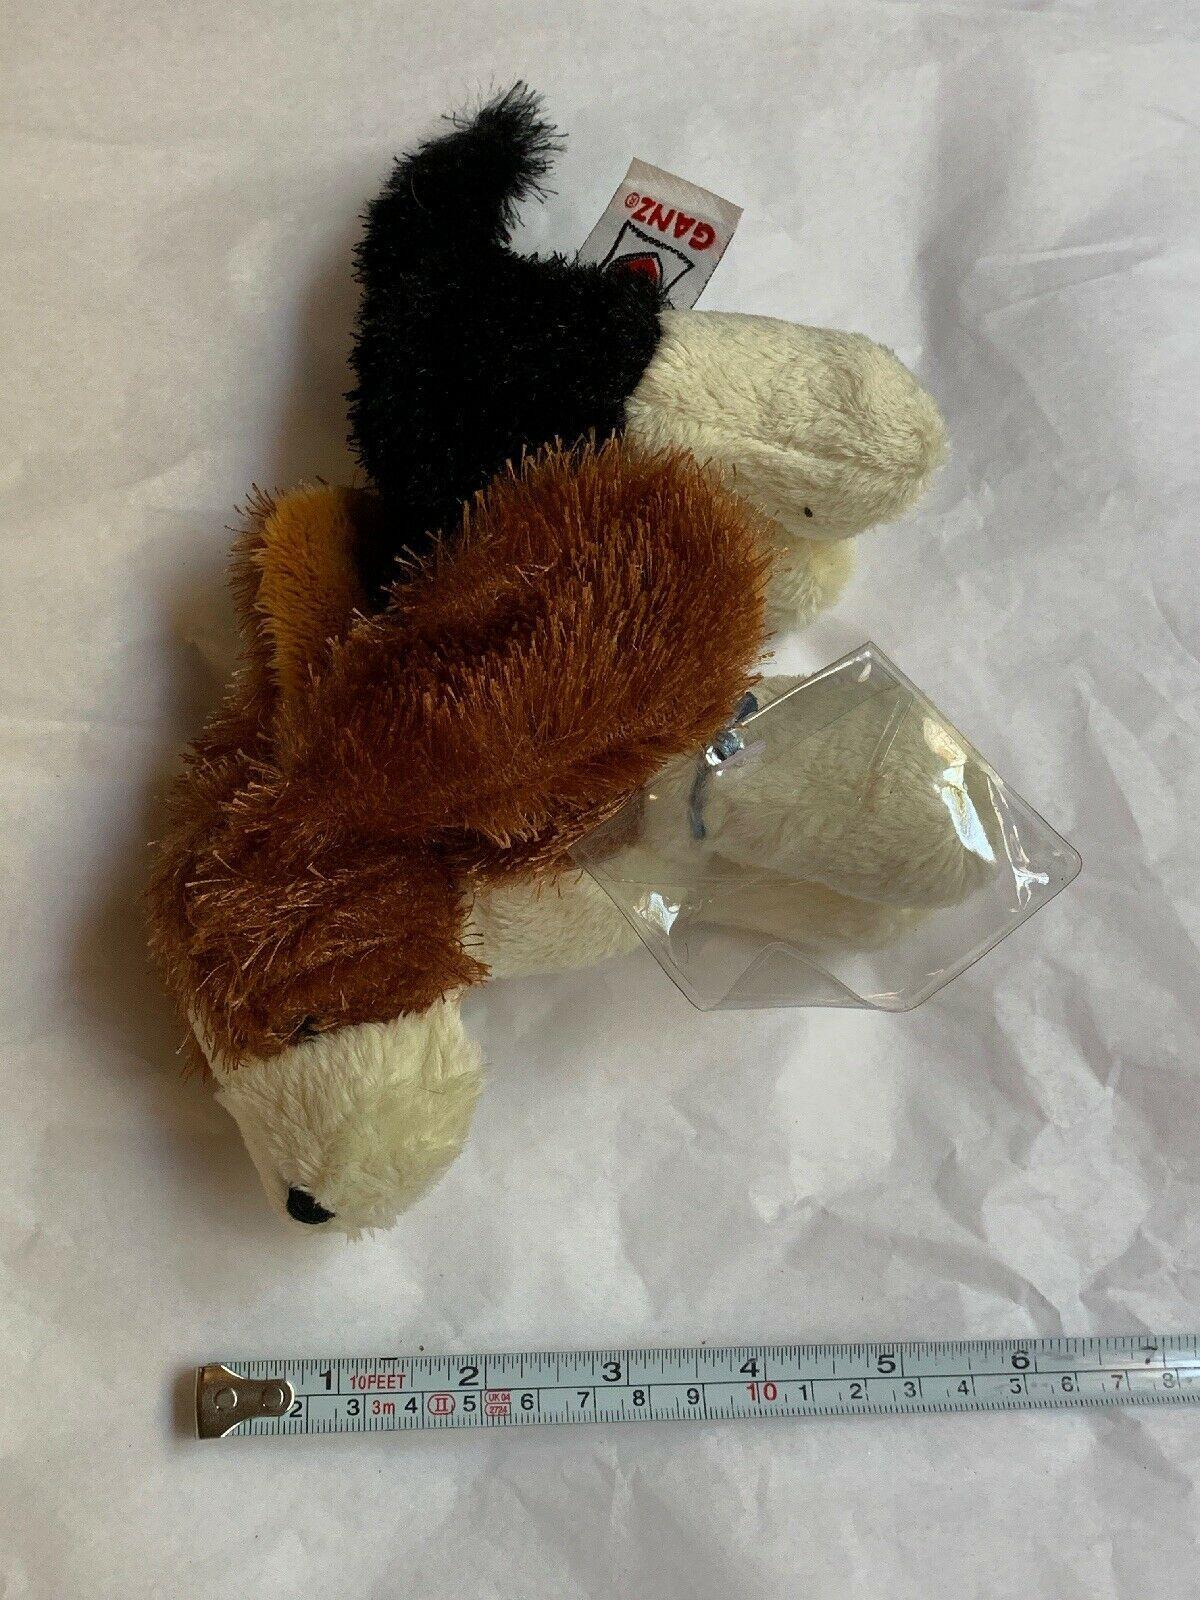 Ganz Webkinz Shaggy Brown White Basset Hound Puppy Dog Stuffed Plush Animal 9in image 5